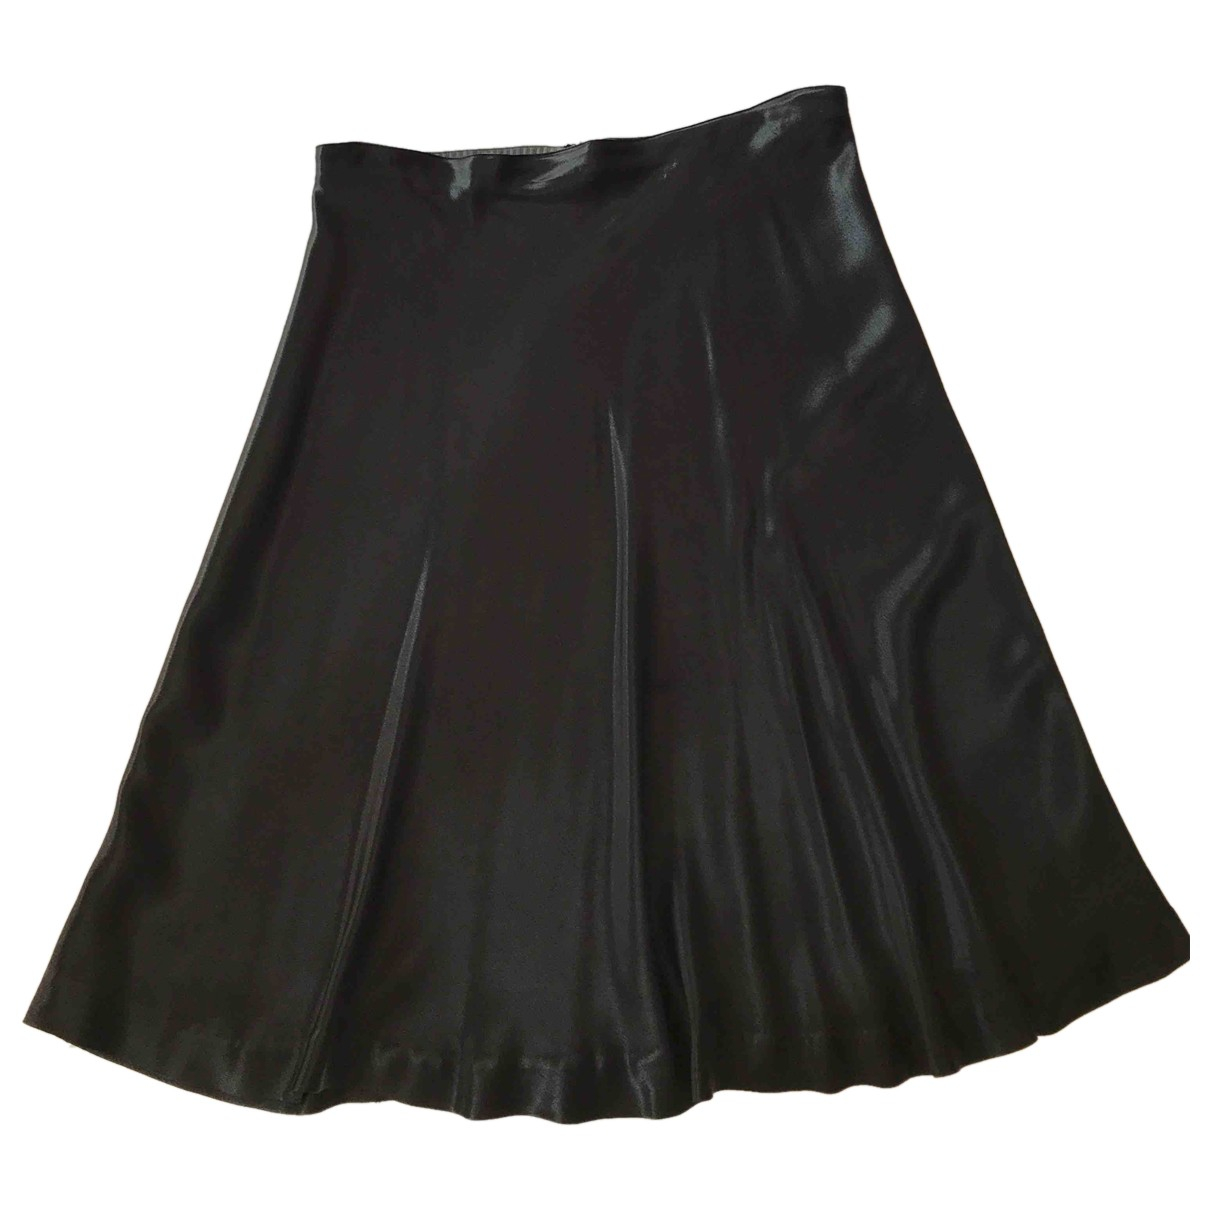 Maison Martin Margiela - Jupe   pour femme en soie - noir